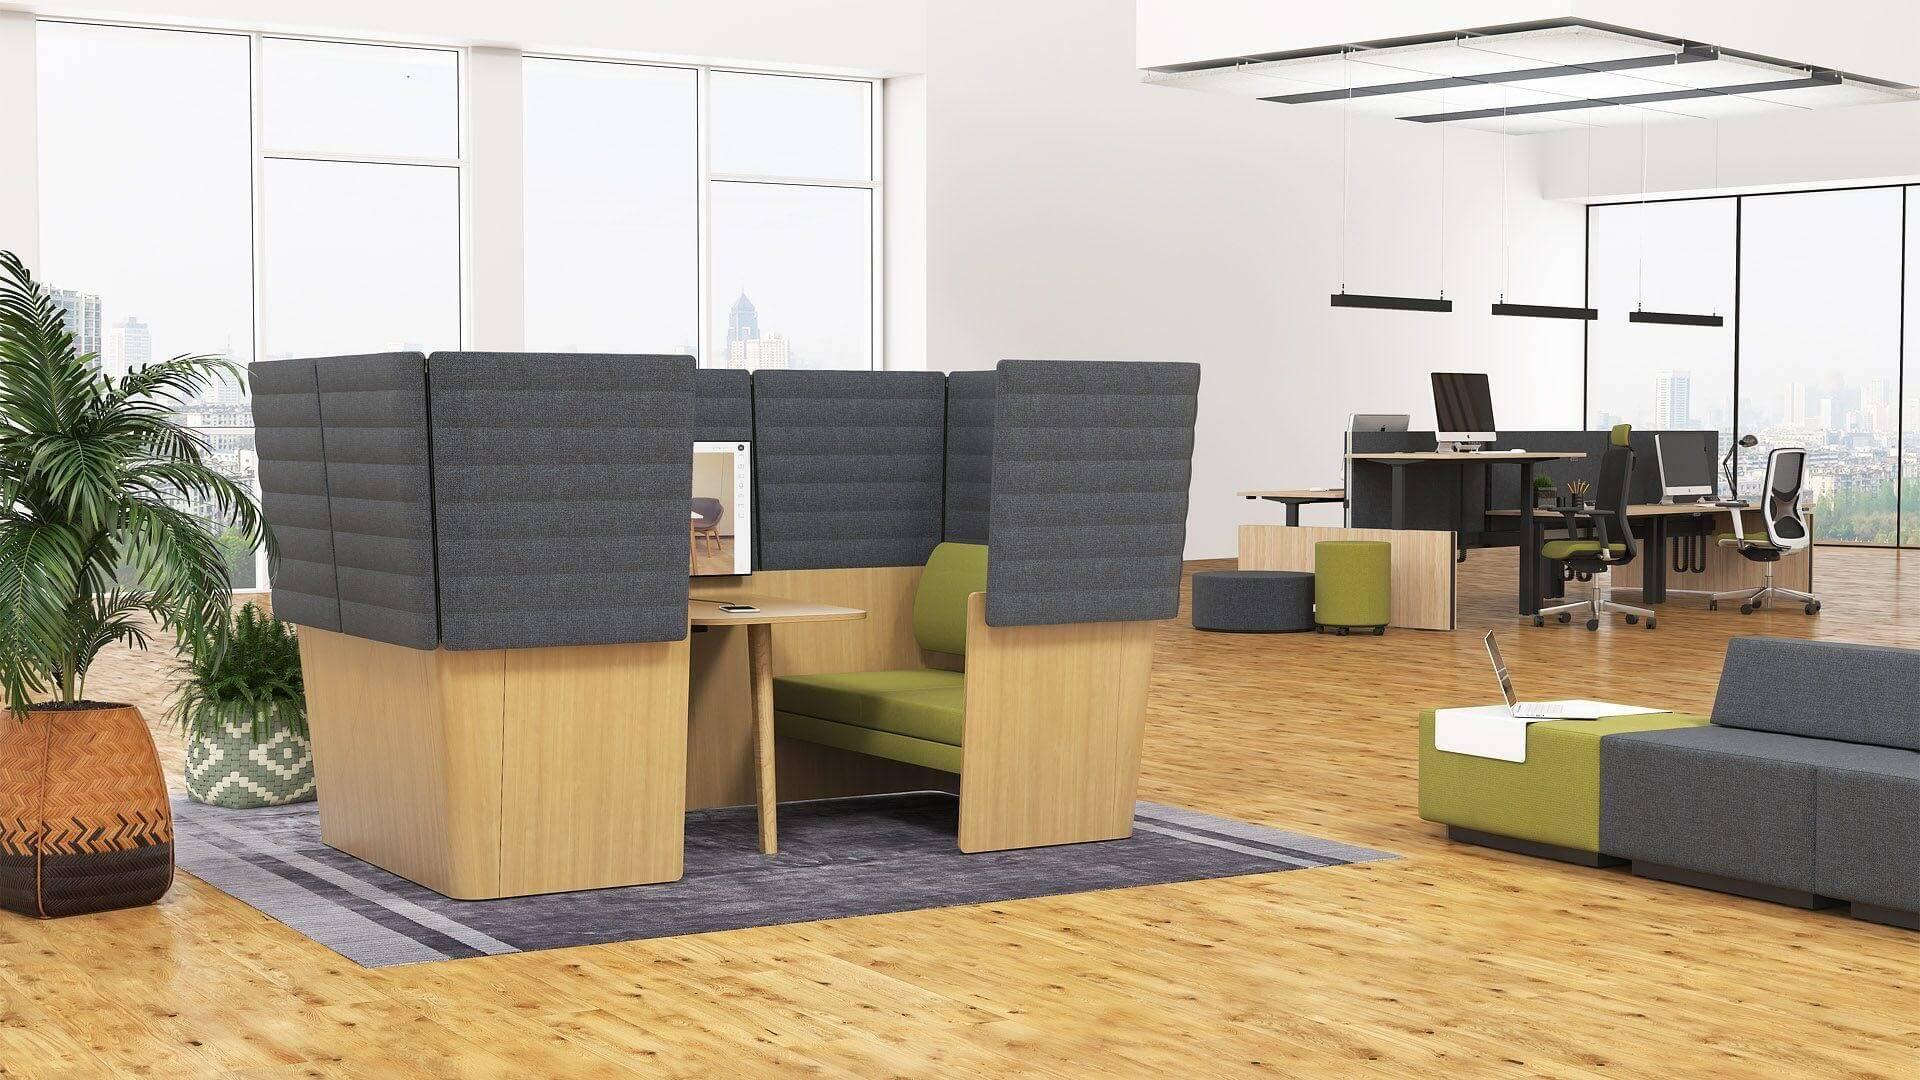 przestrzeń biurowa z wydzielonym miejscem ciszy